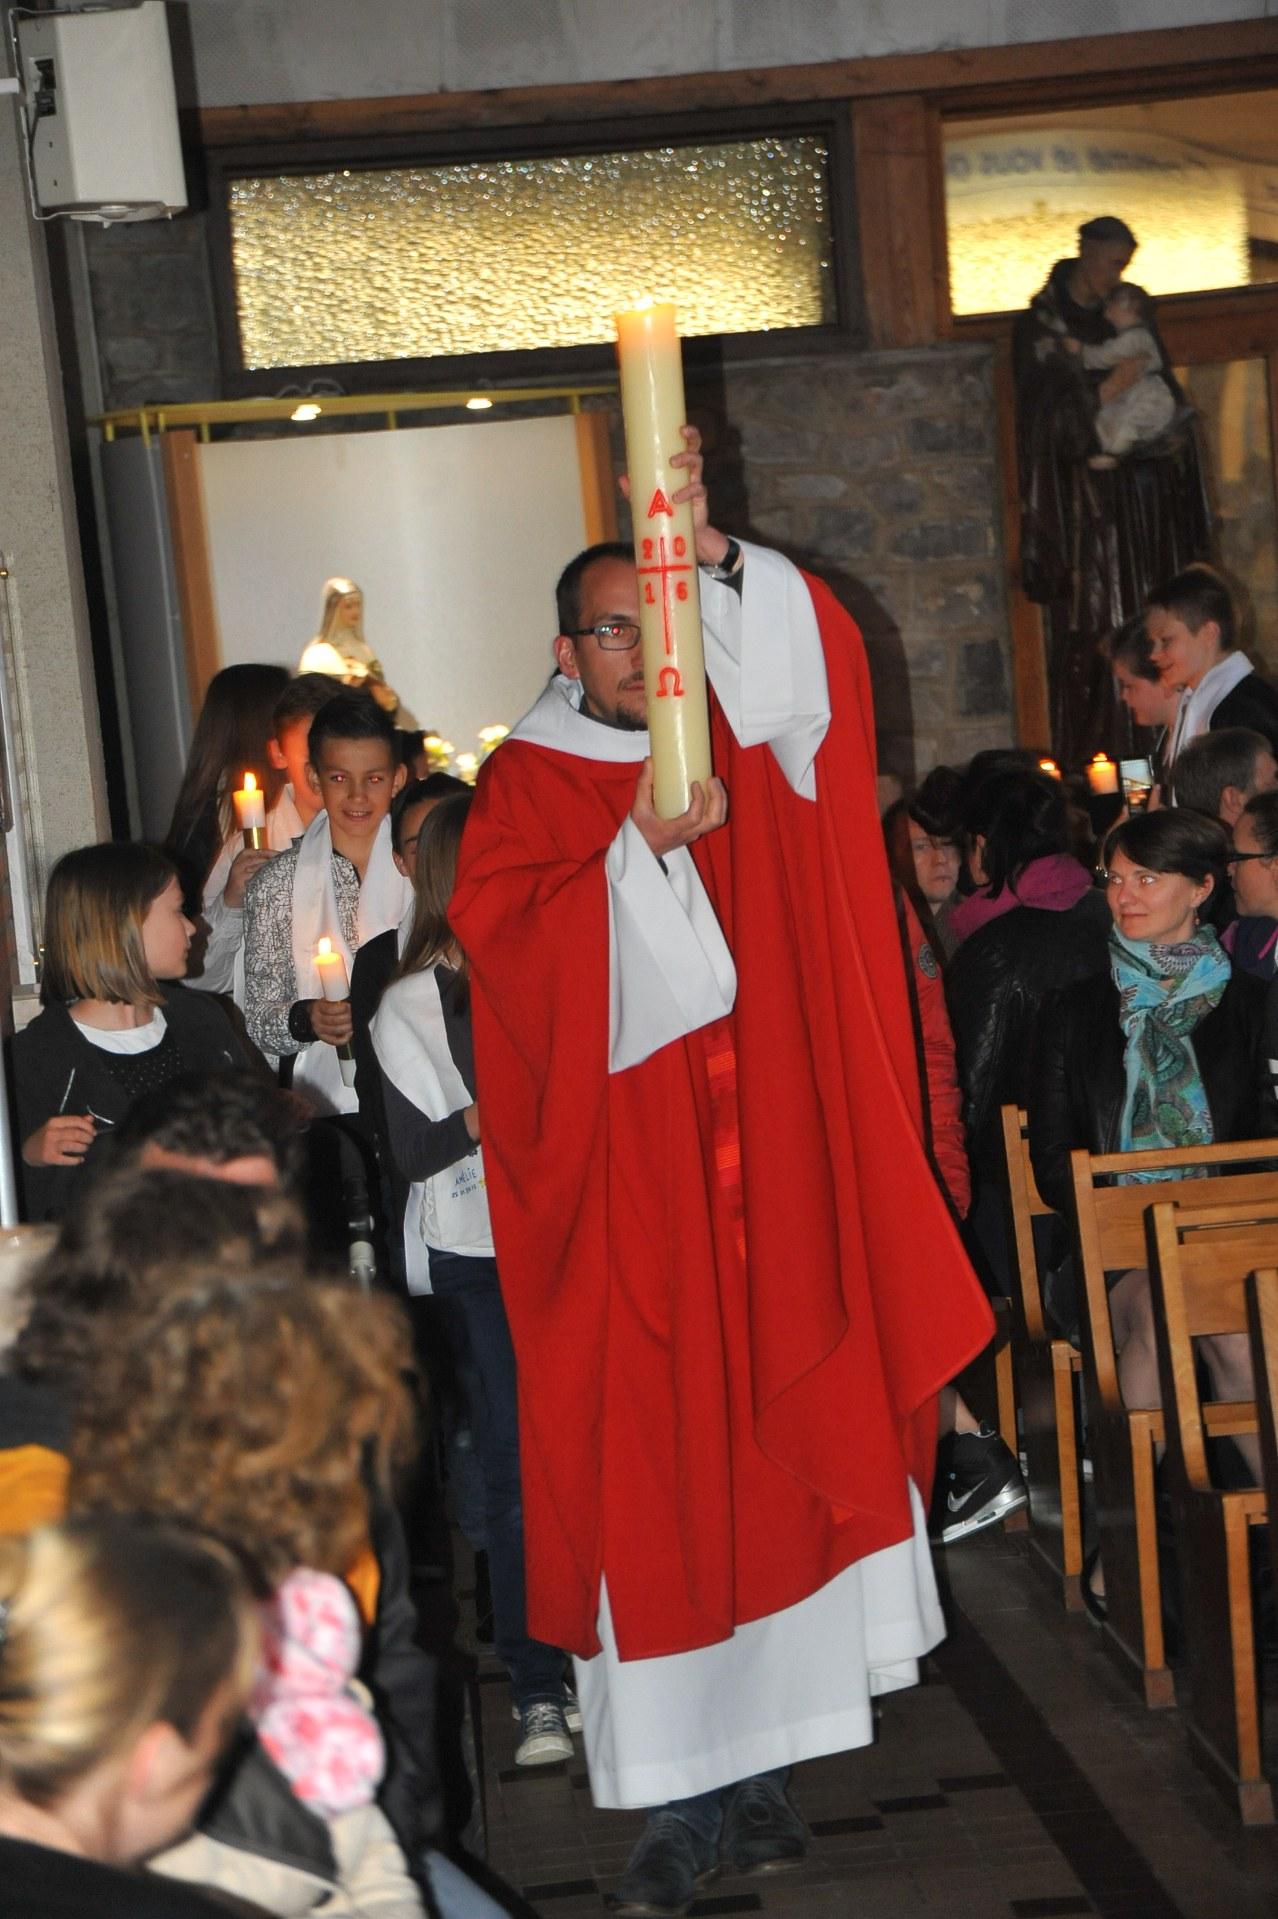 Images - Stald - Paroisse Sainte Aldegonde - 2016-